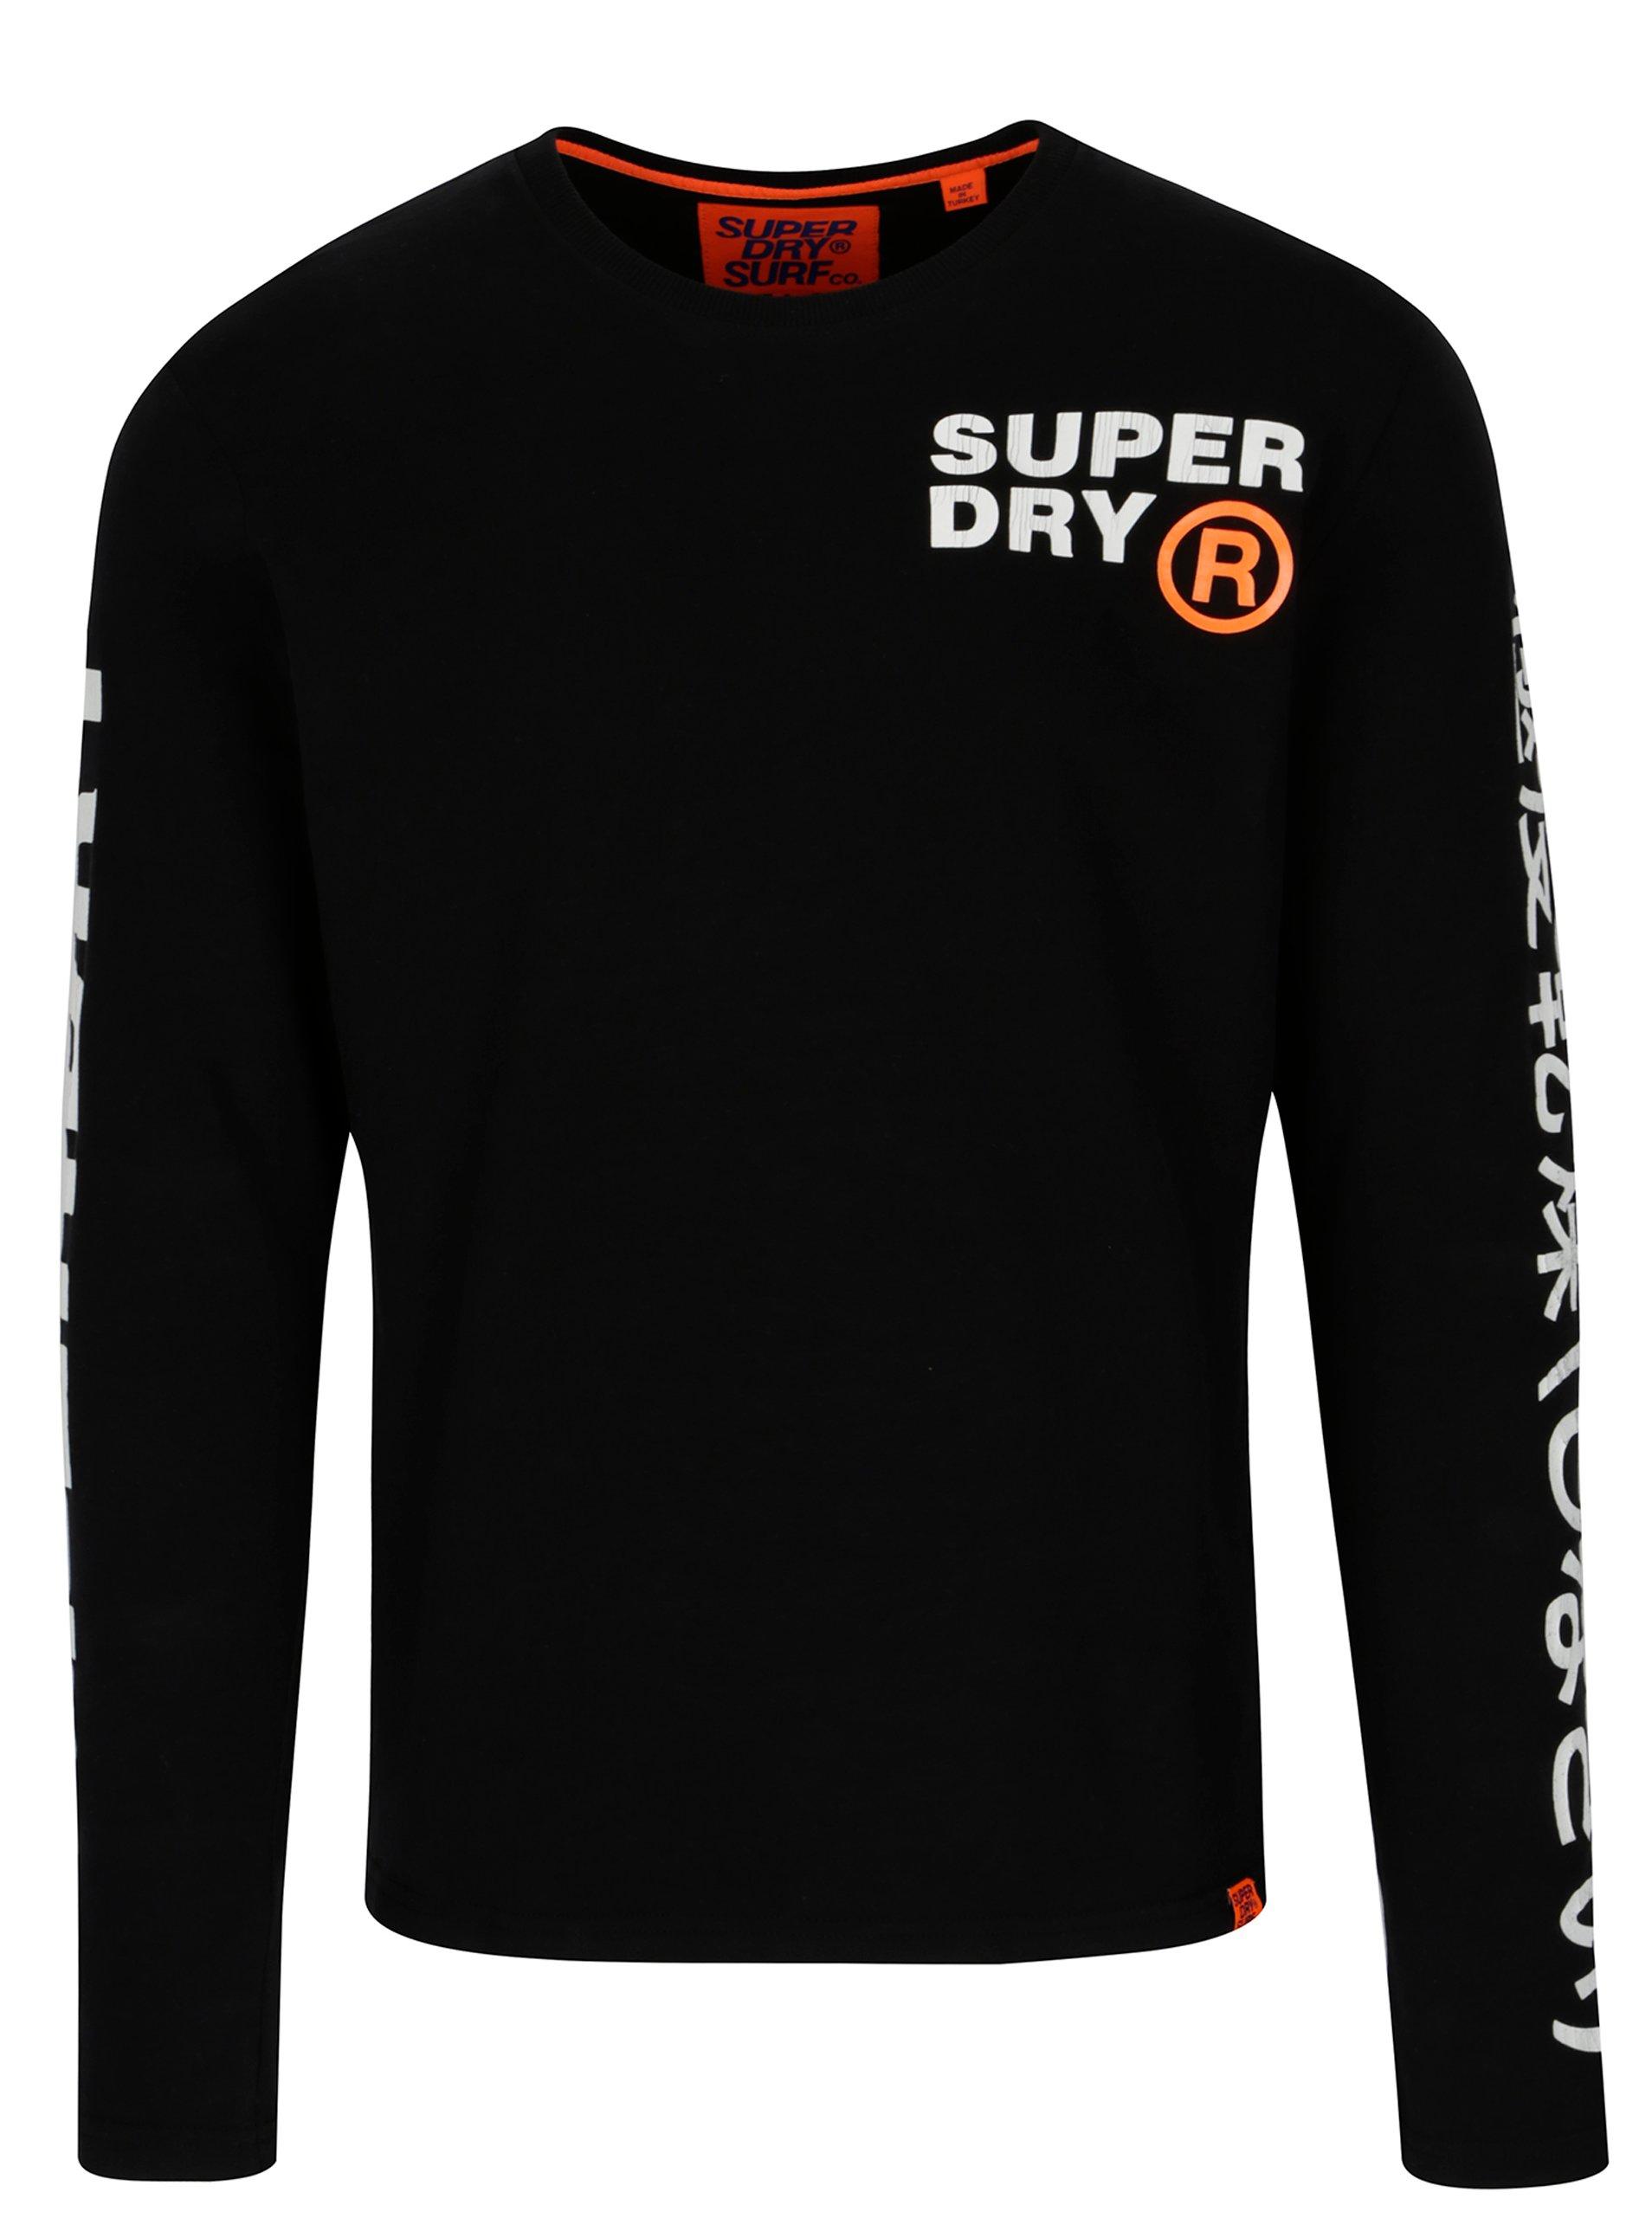 6bbff329e4a1 Čierne pánske tričko s dlhým rukávom Superdry